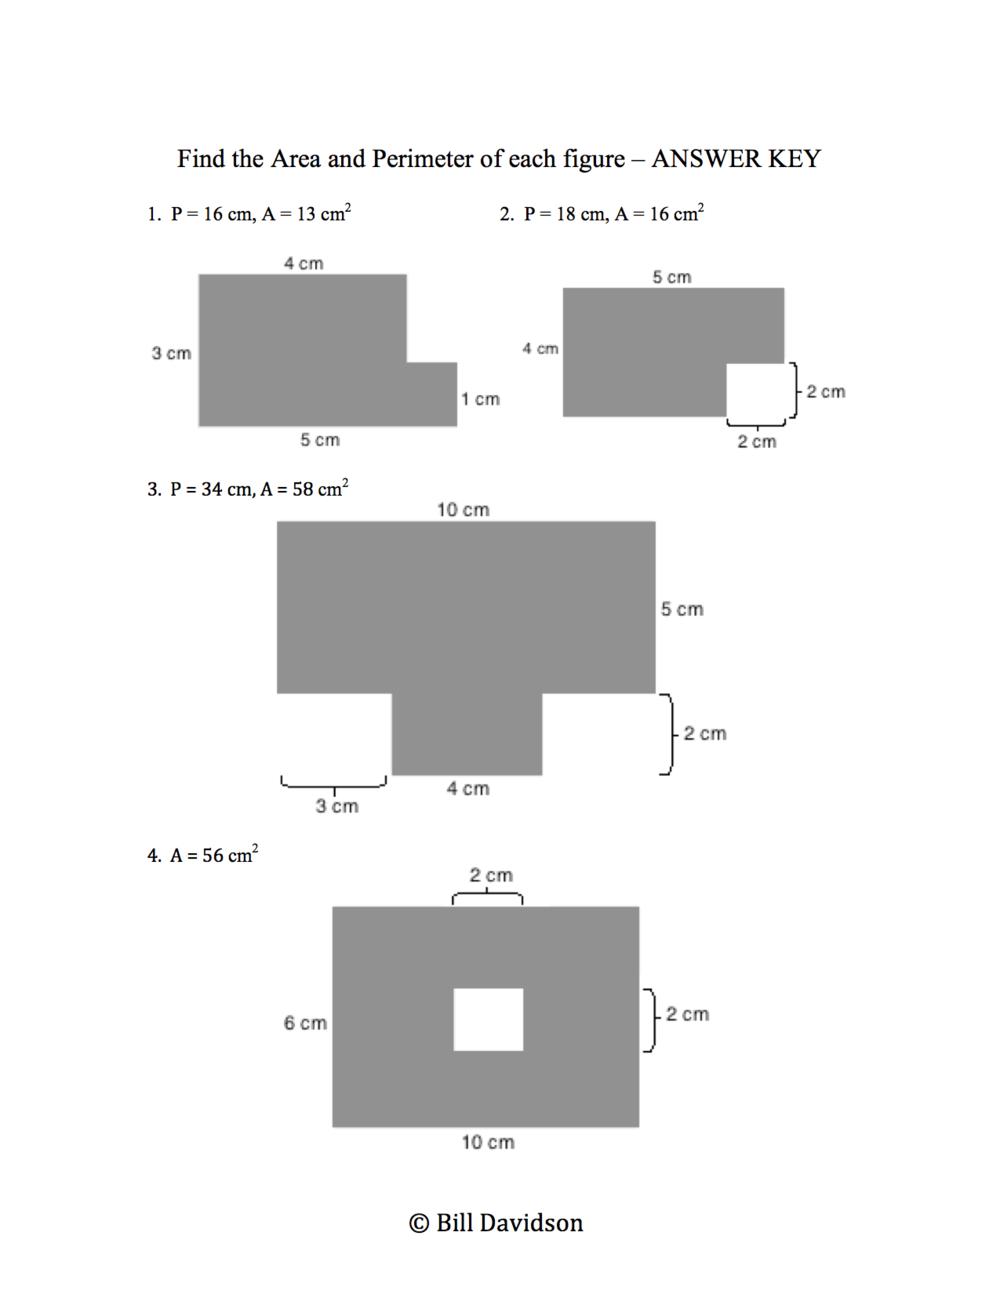 Worksheets Area Of Composite Figures Worksheet remedial area perimeter of composite figures worksheet the worksheet